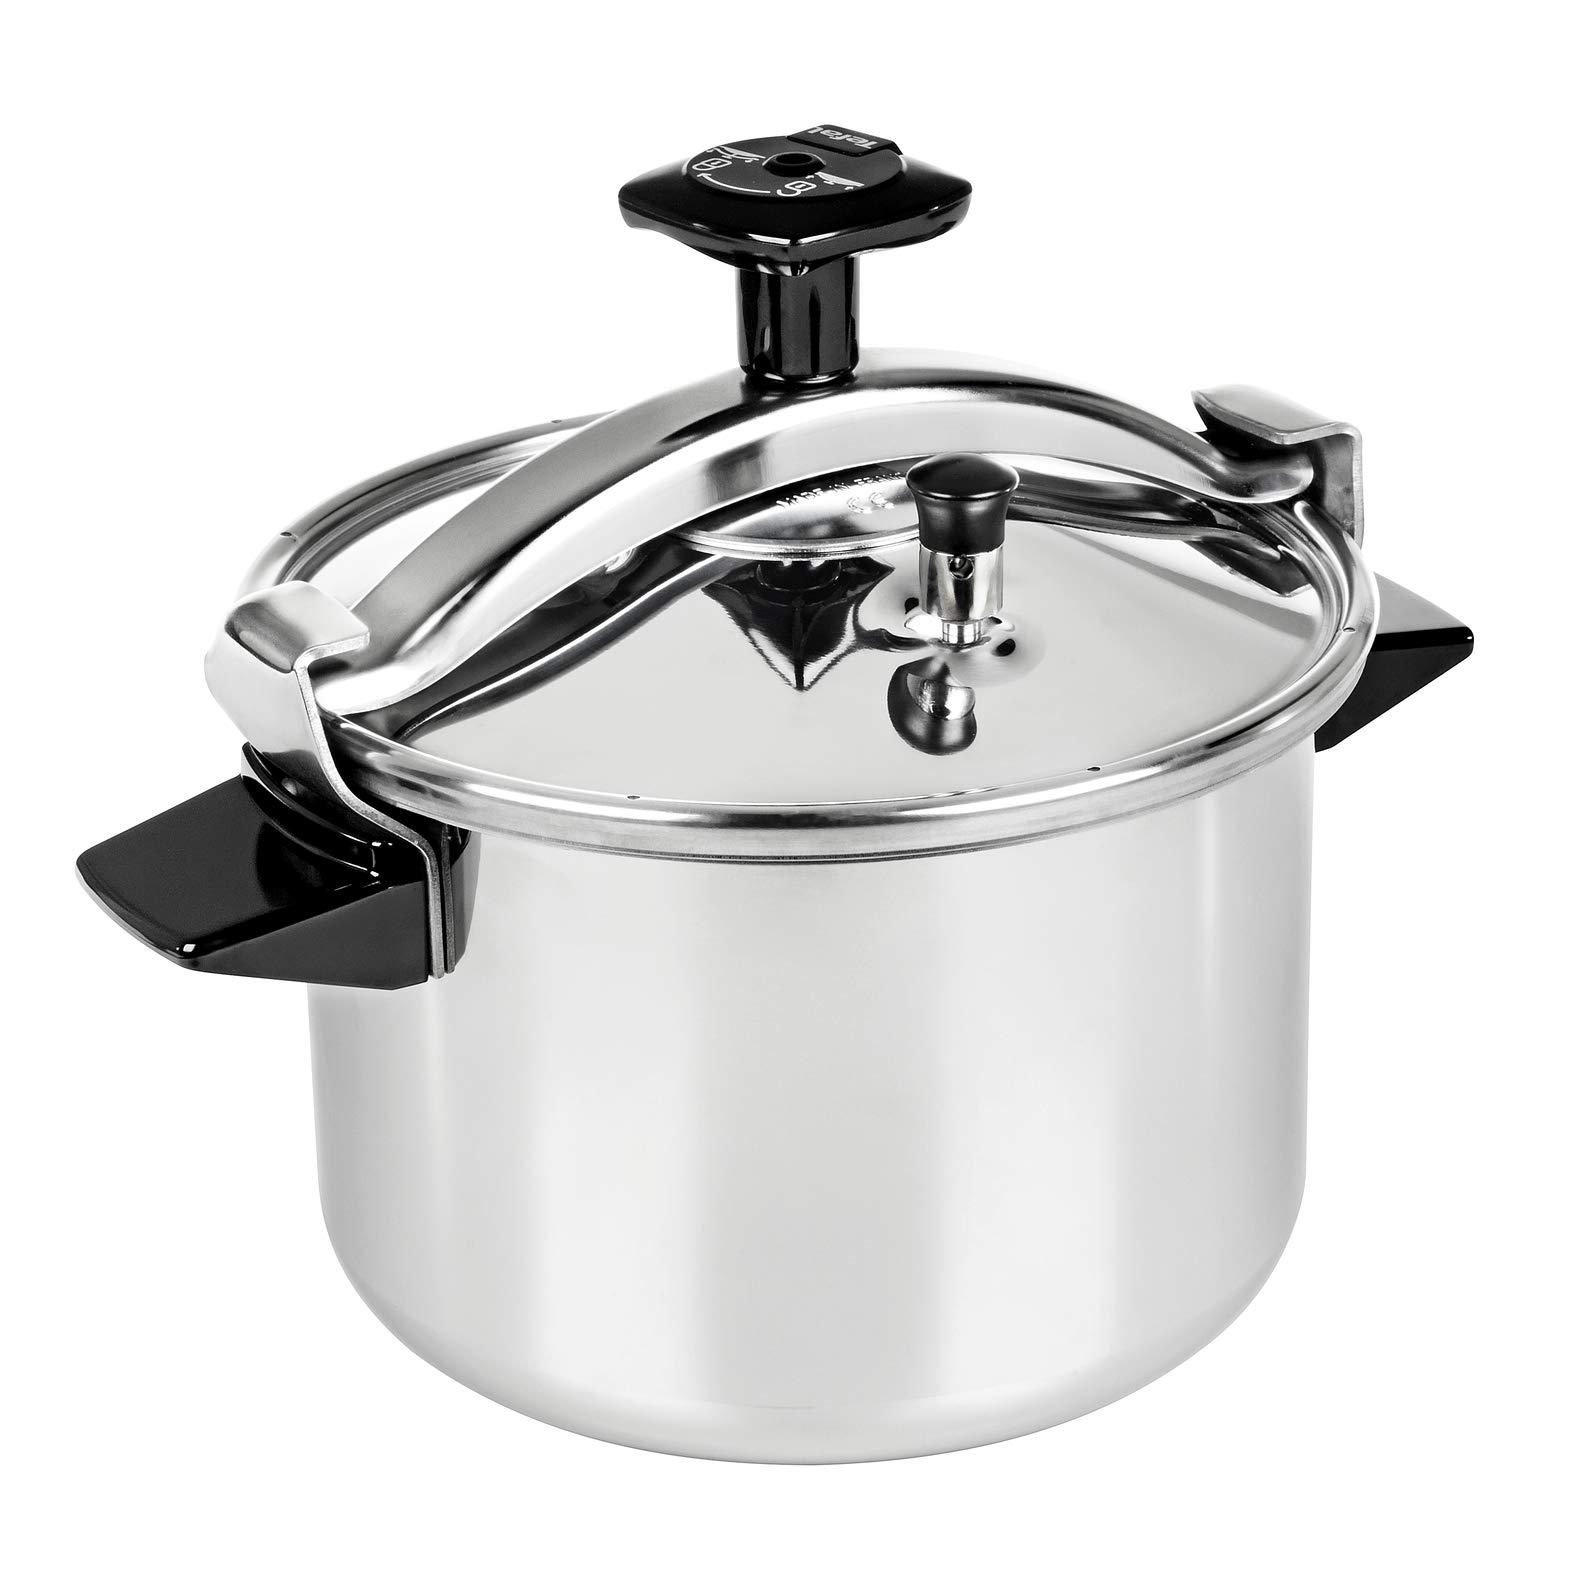 SEB Authentic P0531600 Pressure Cooker 10 L